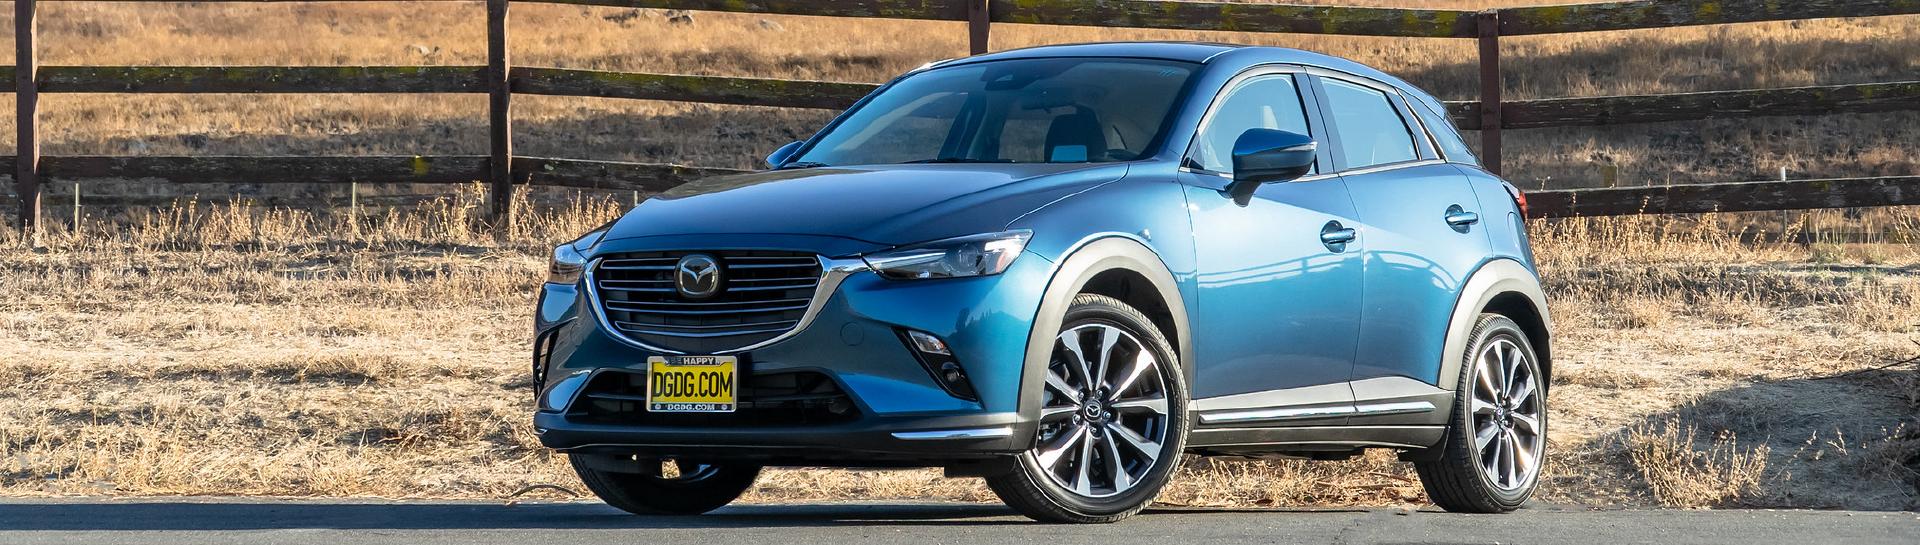 Concord Mazda